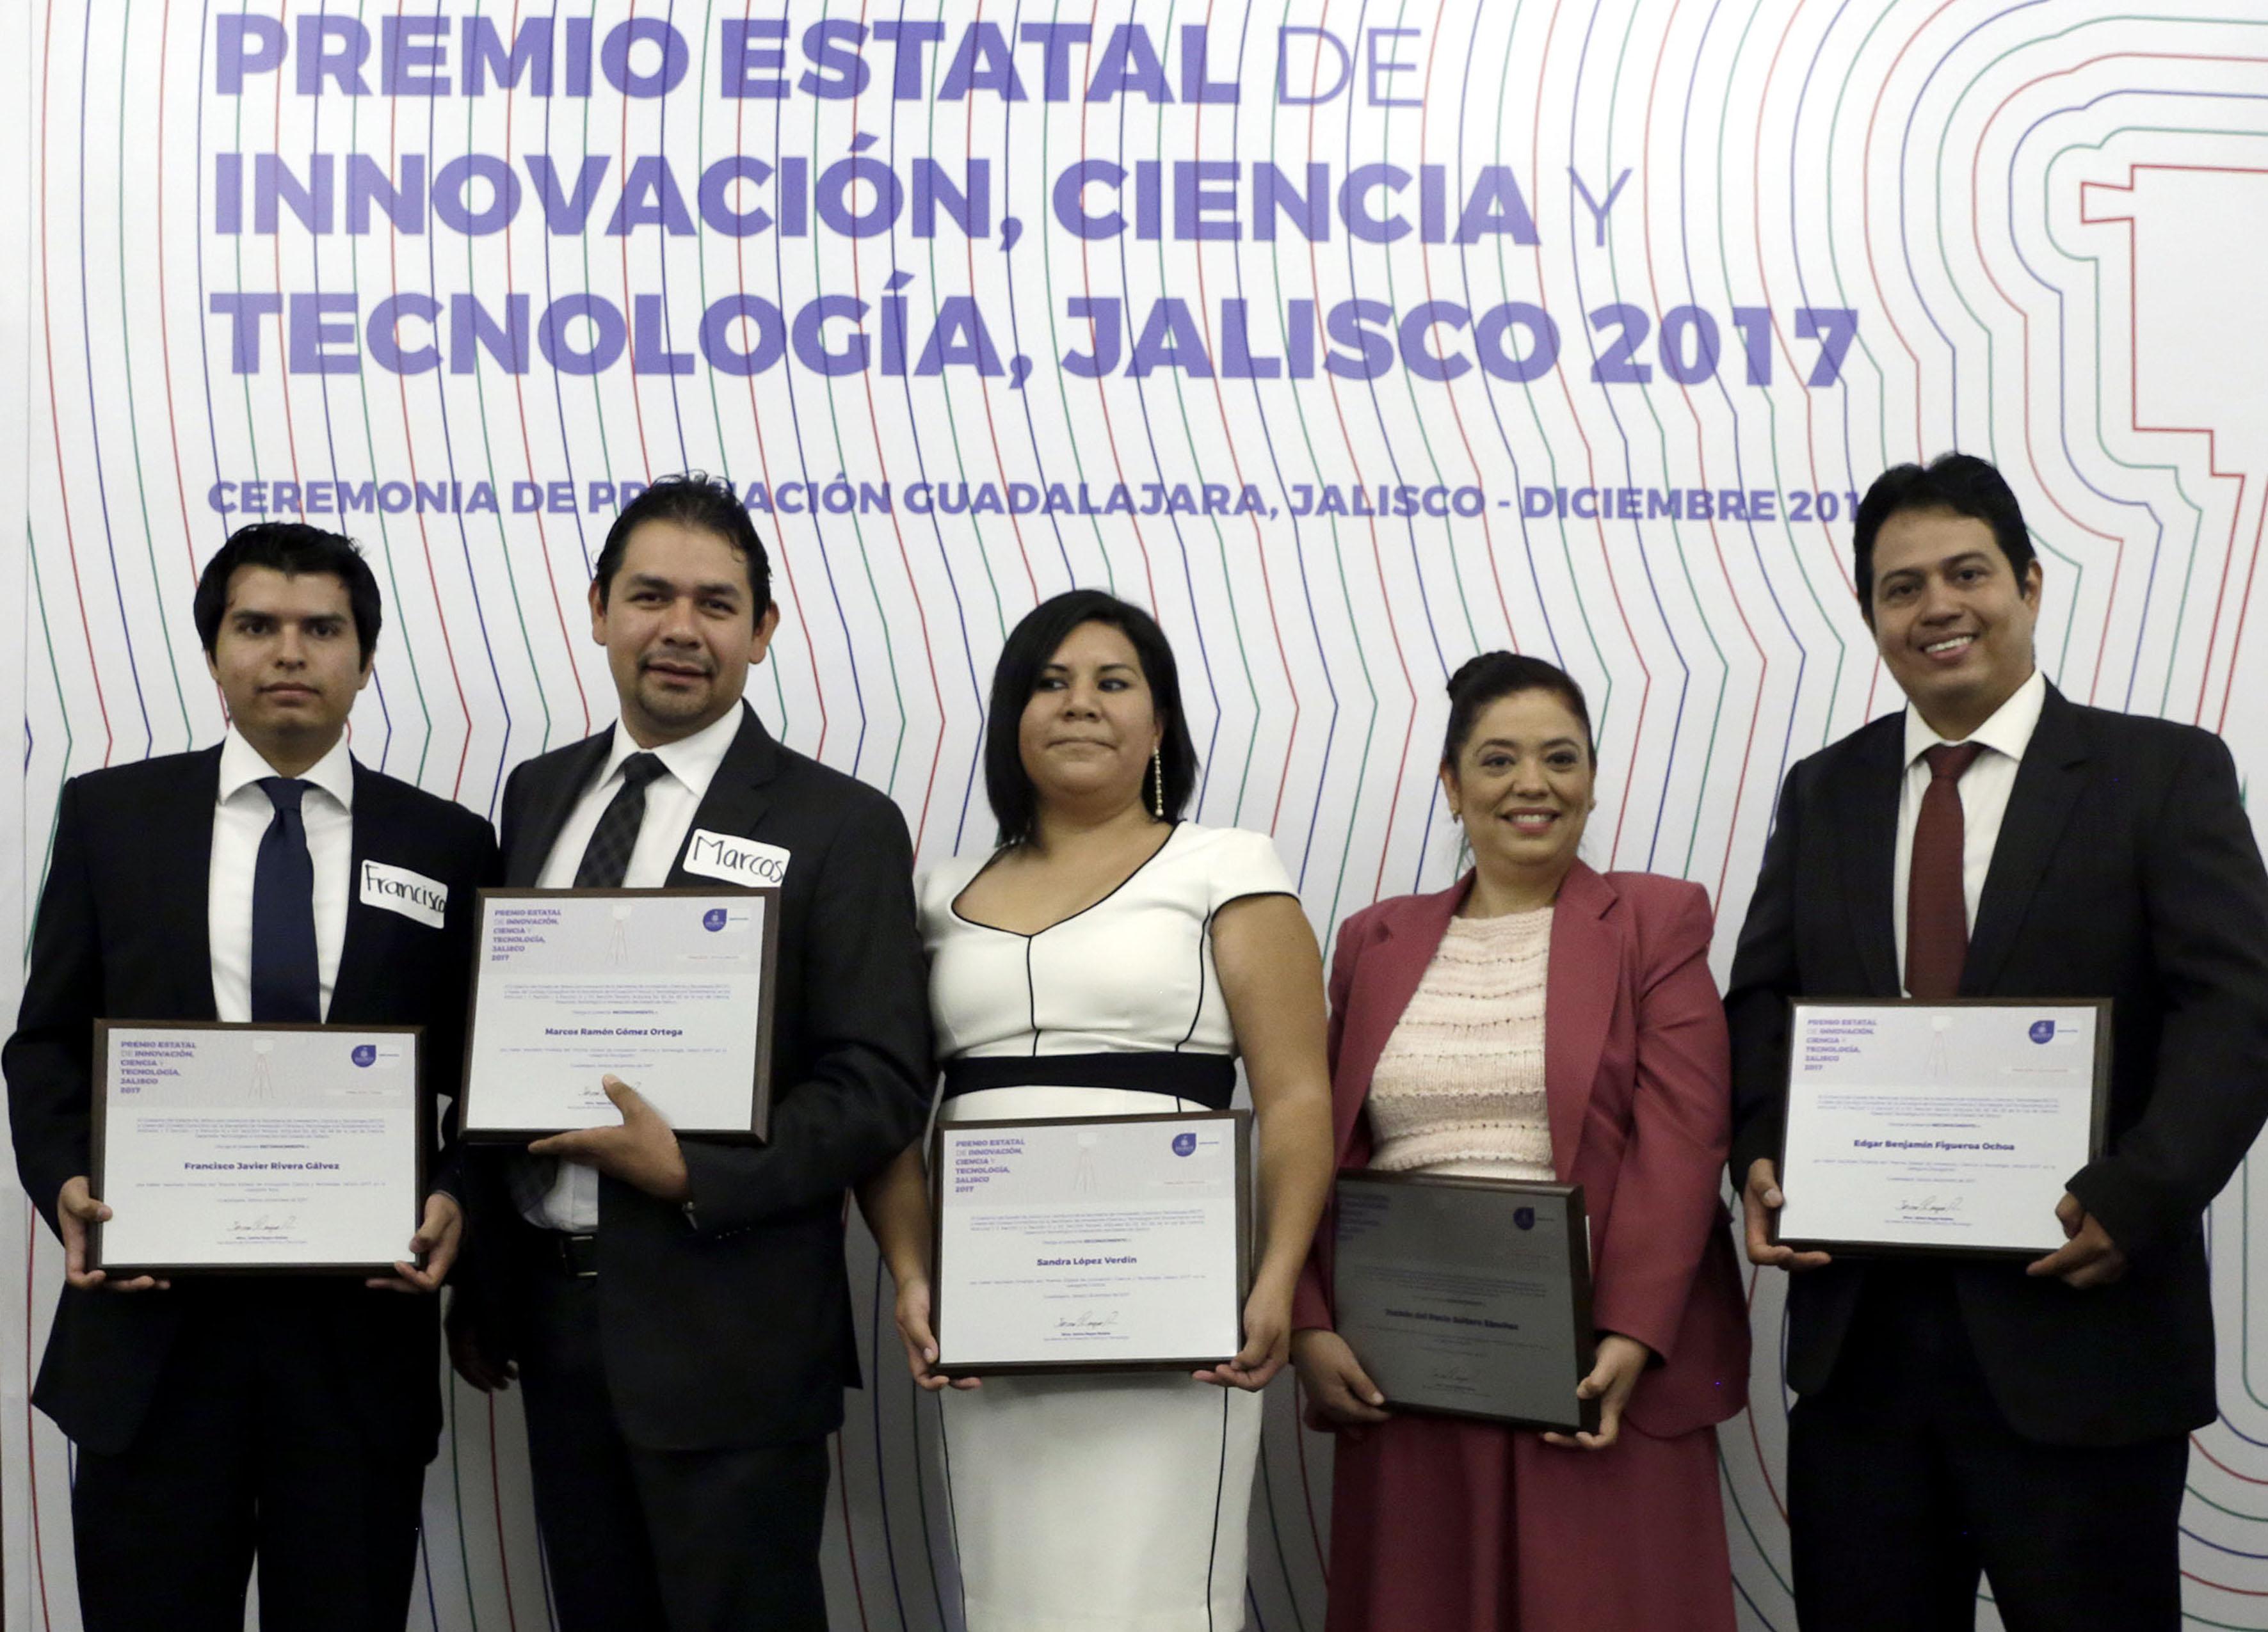 Cinco académicos, de la Universidad de Guadalajara, que destacaron por investigaciones y proyectos que buscan atender problemas sociales en la entidad.